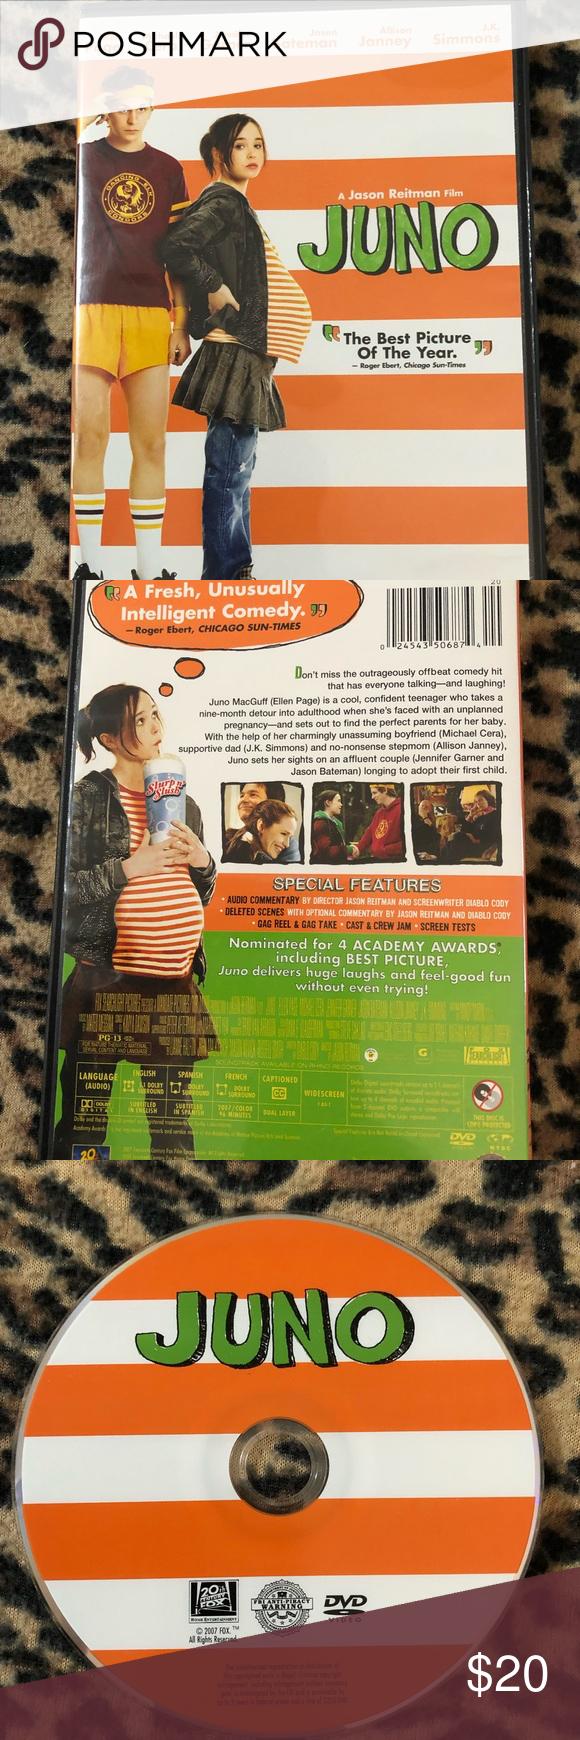 Dvd Movie Juno Rated Pg 13 Dvd Movies Dvd Movies